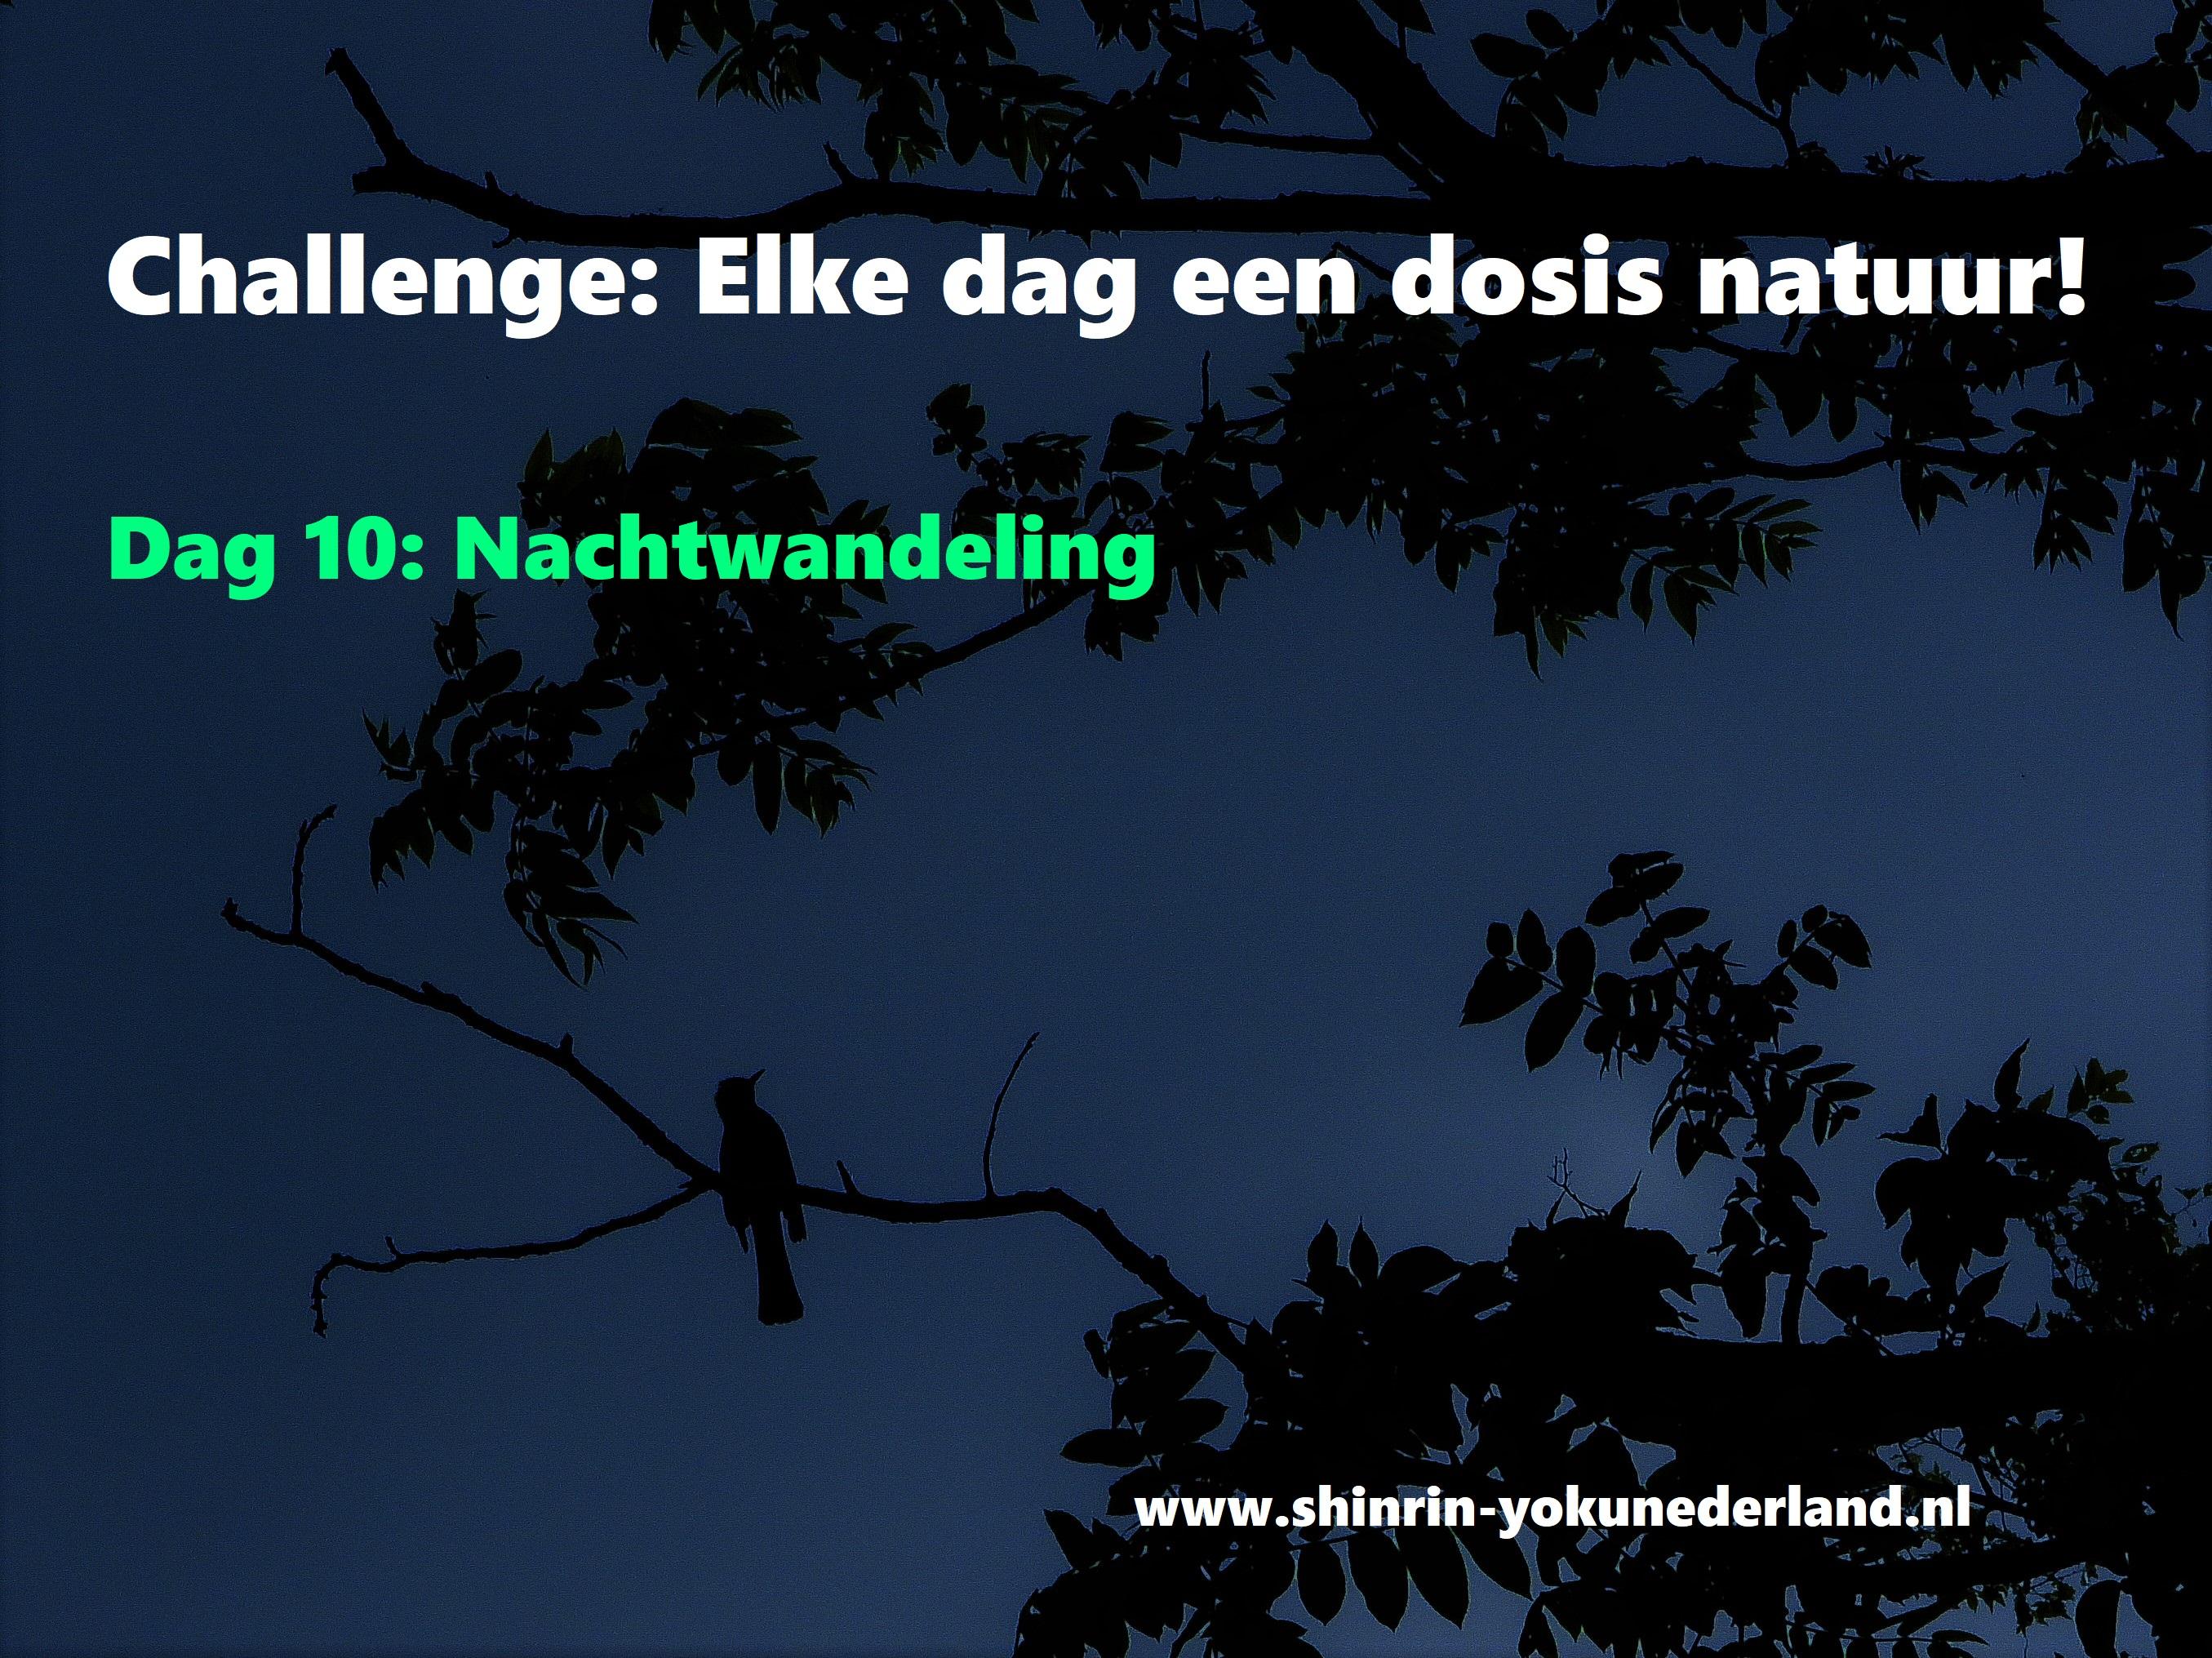 Challenge dag 10: Nachtwandeling